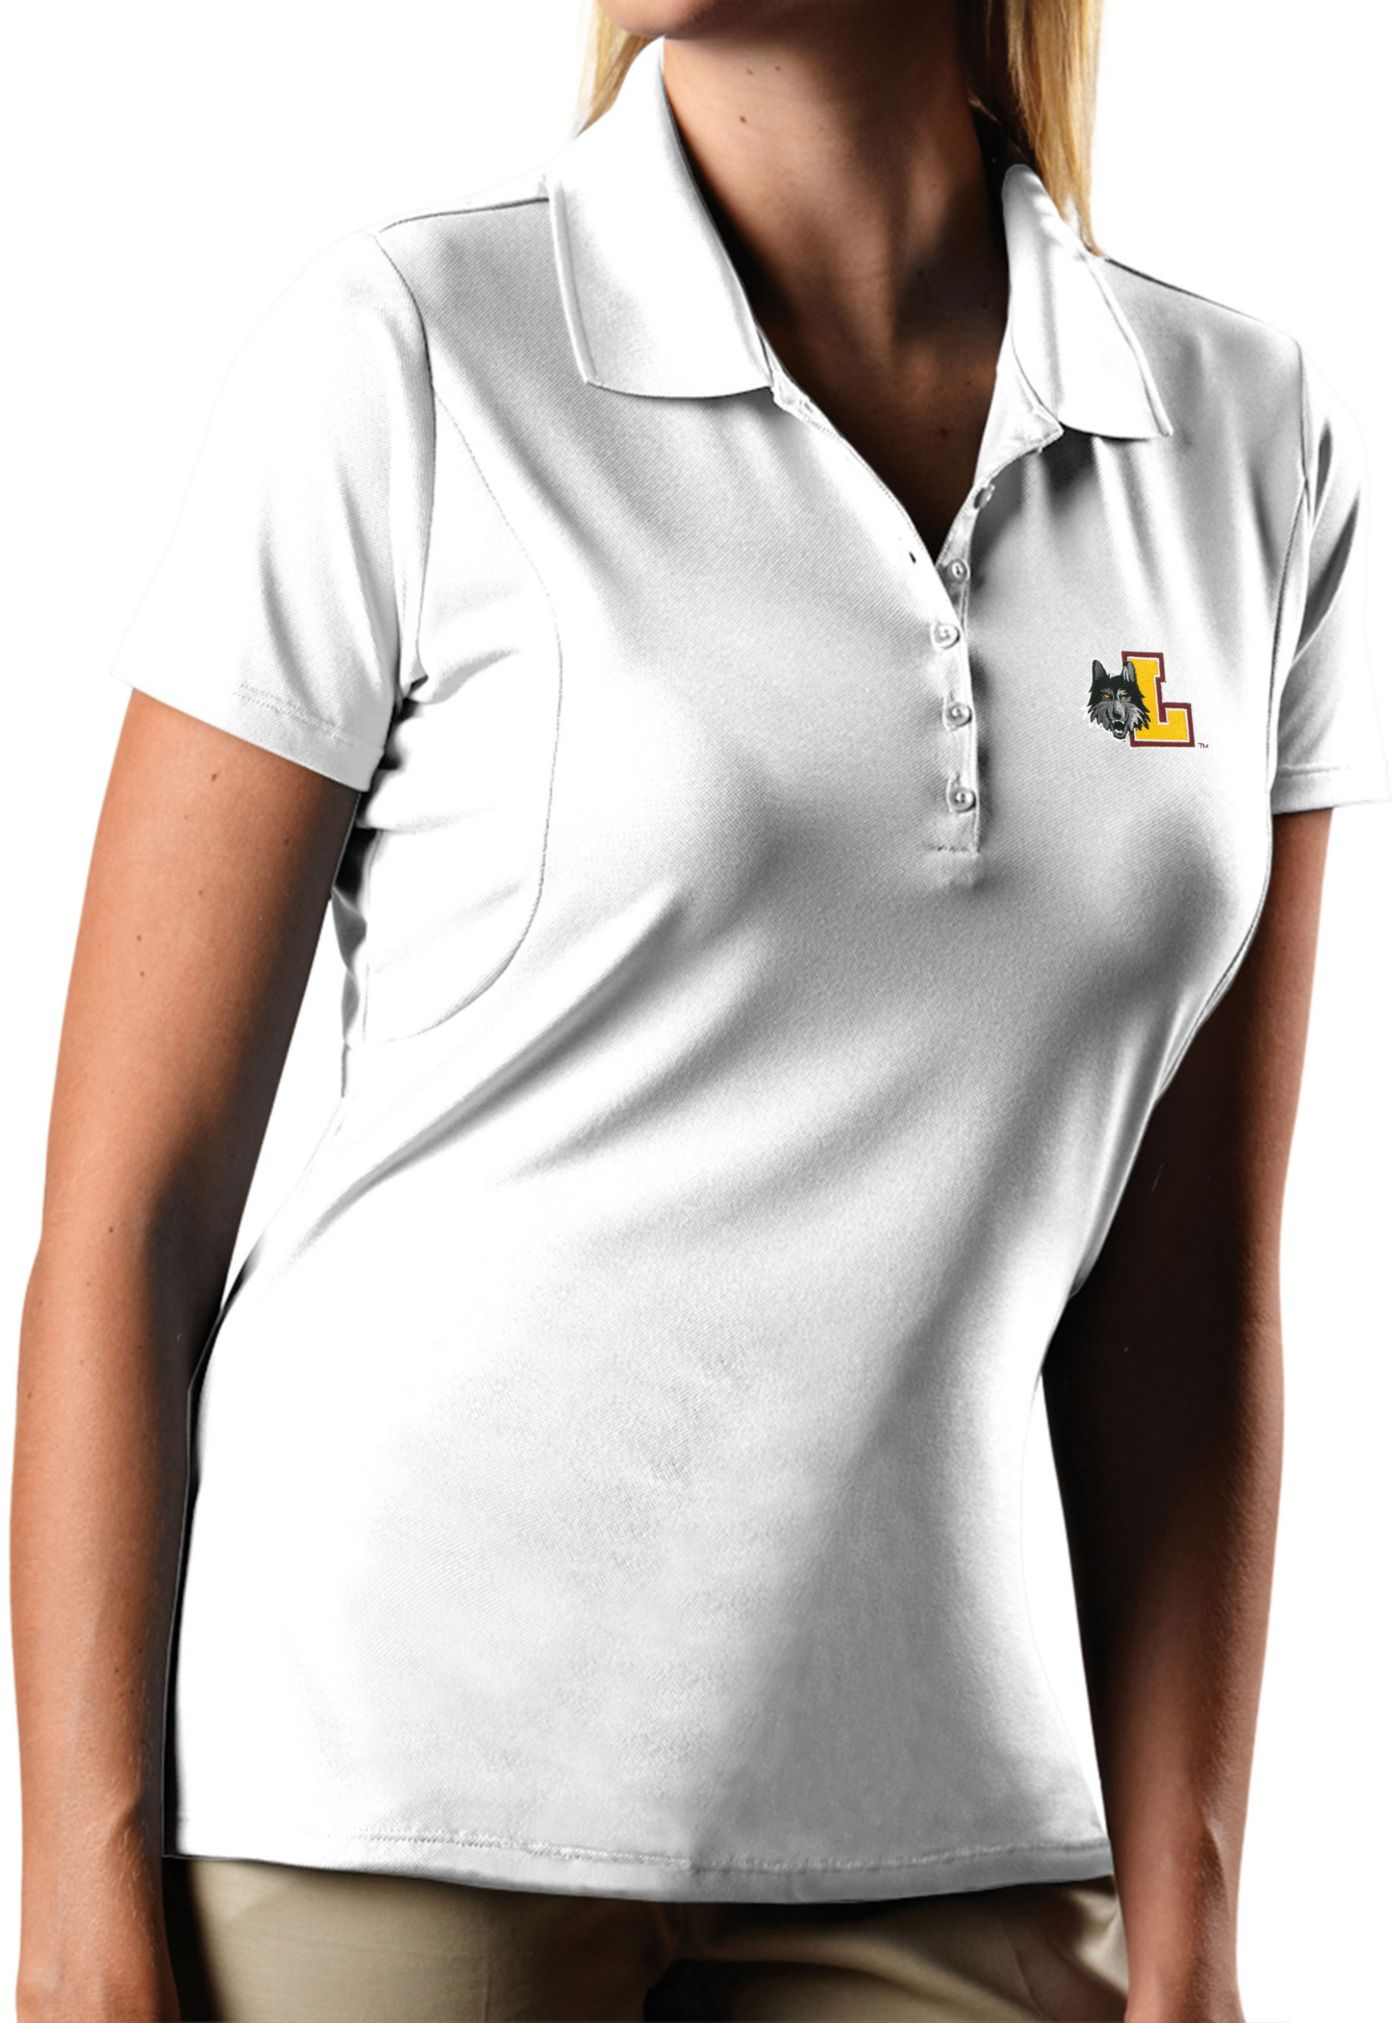 Antigua Women's Loyola Chicago Ramblers Pique X-tra Lite White Polo